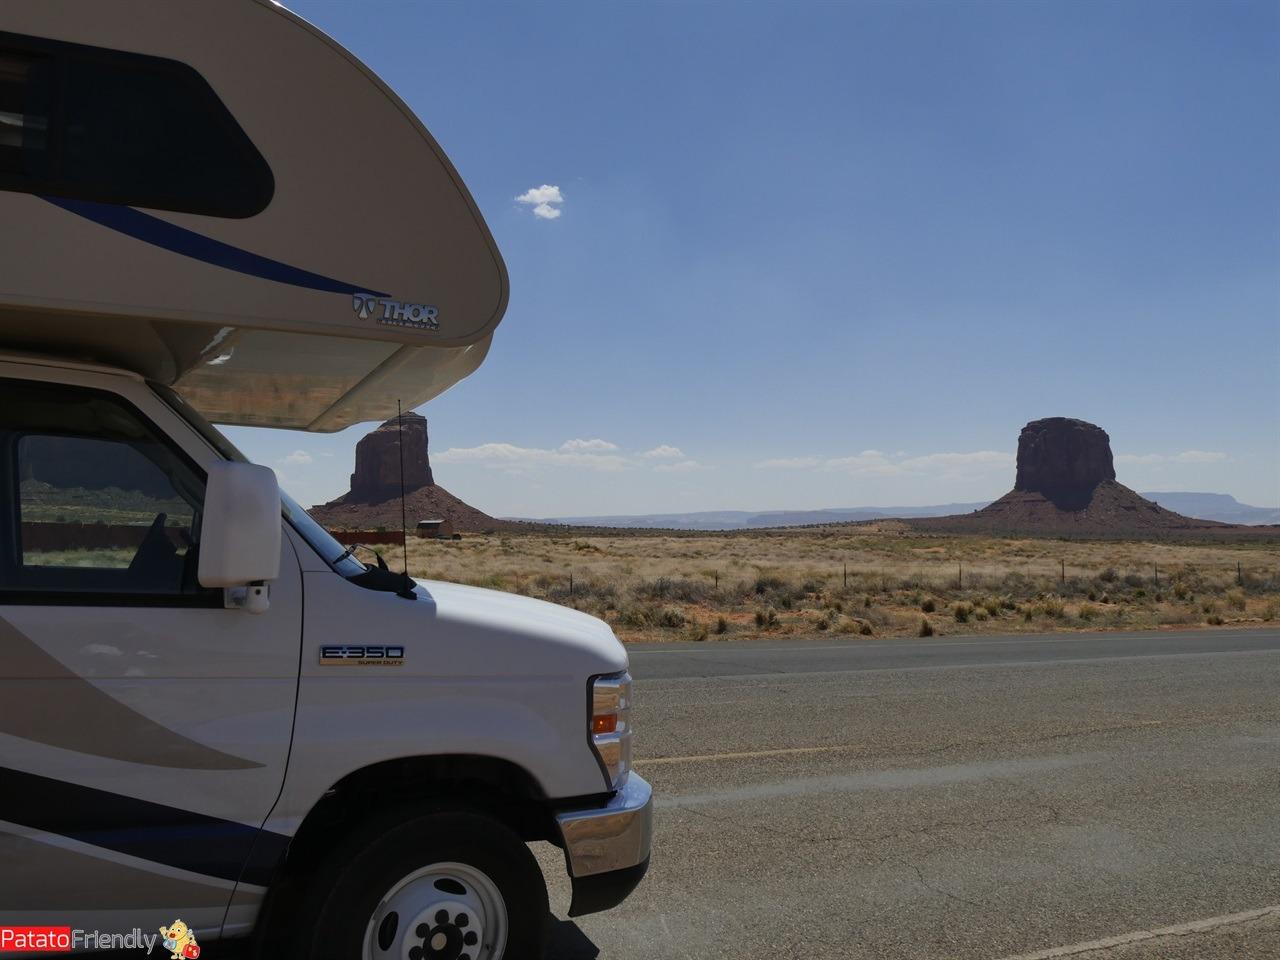 Il nostro viaggio in camper in USA - In camper nella Monument Valley